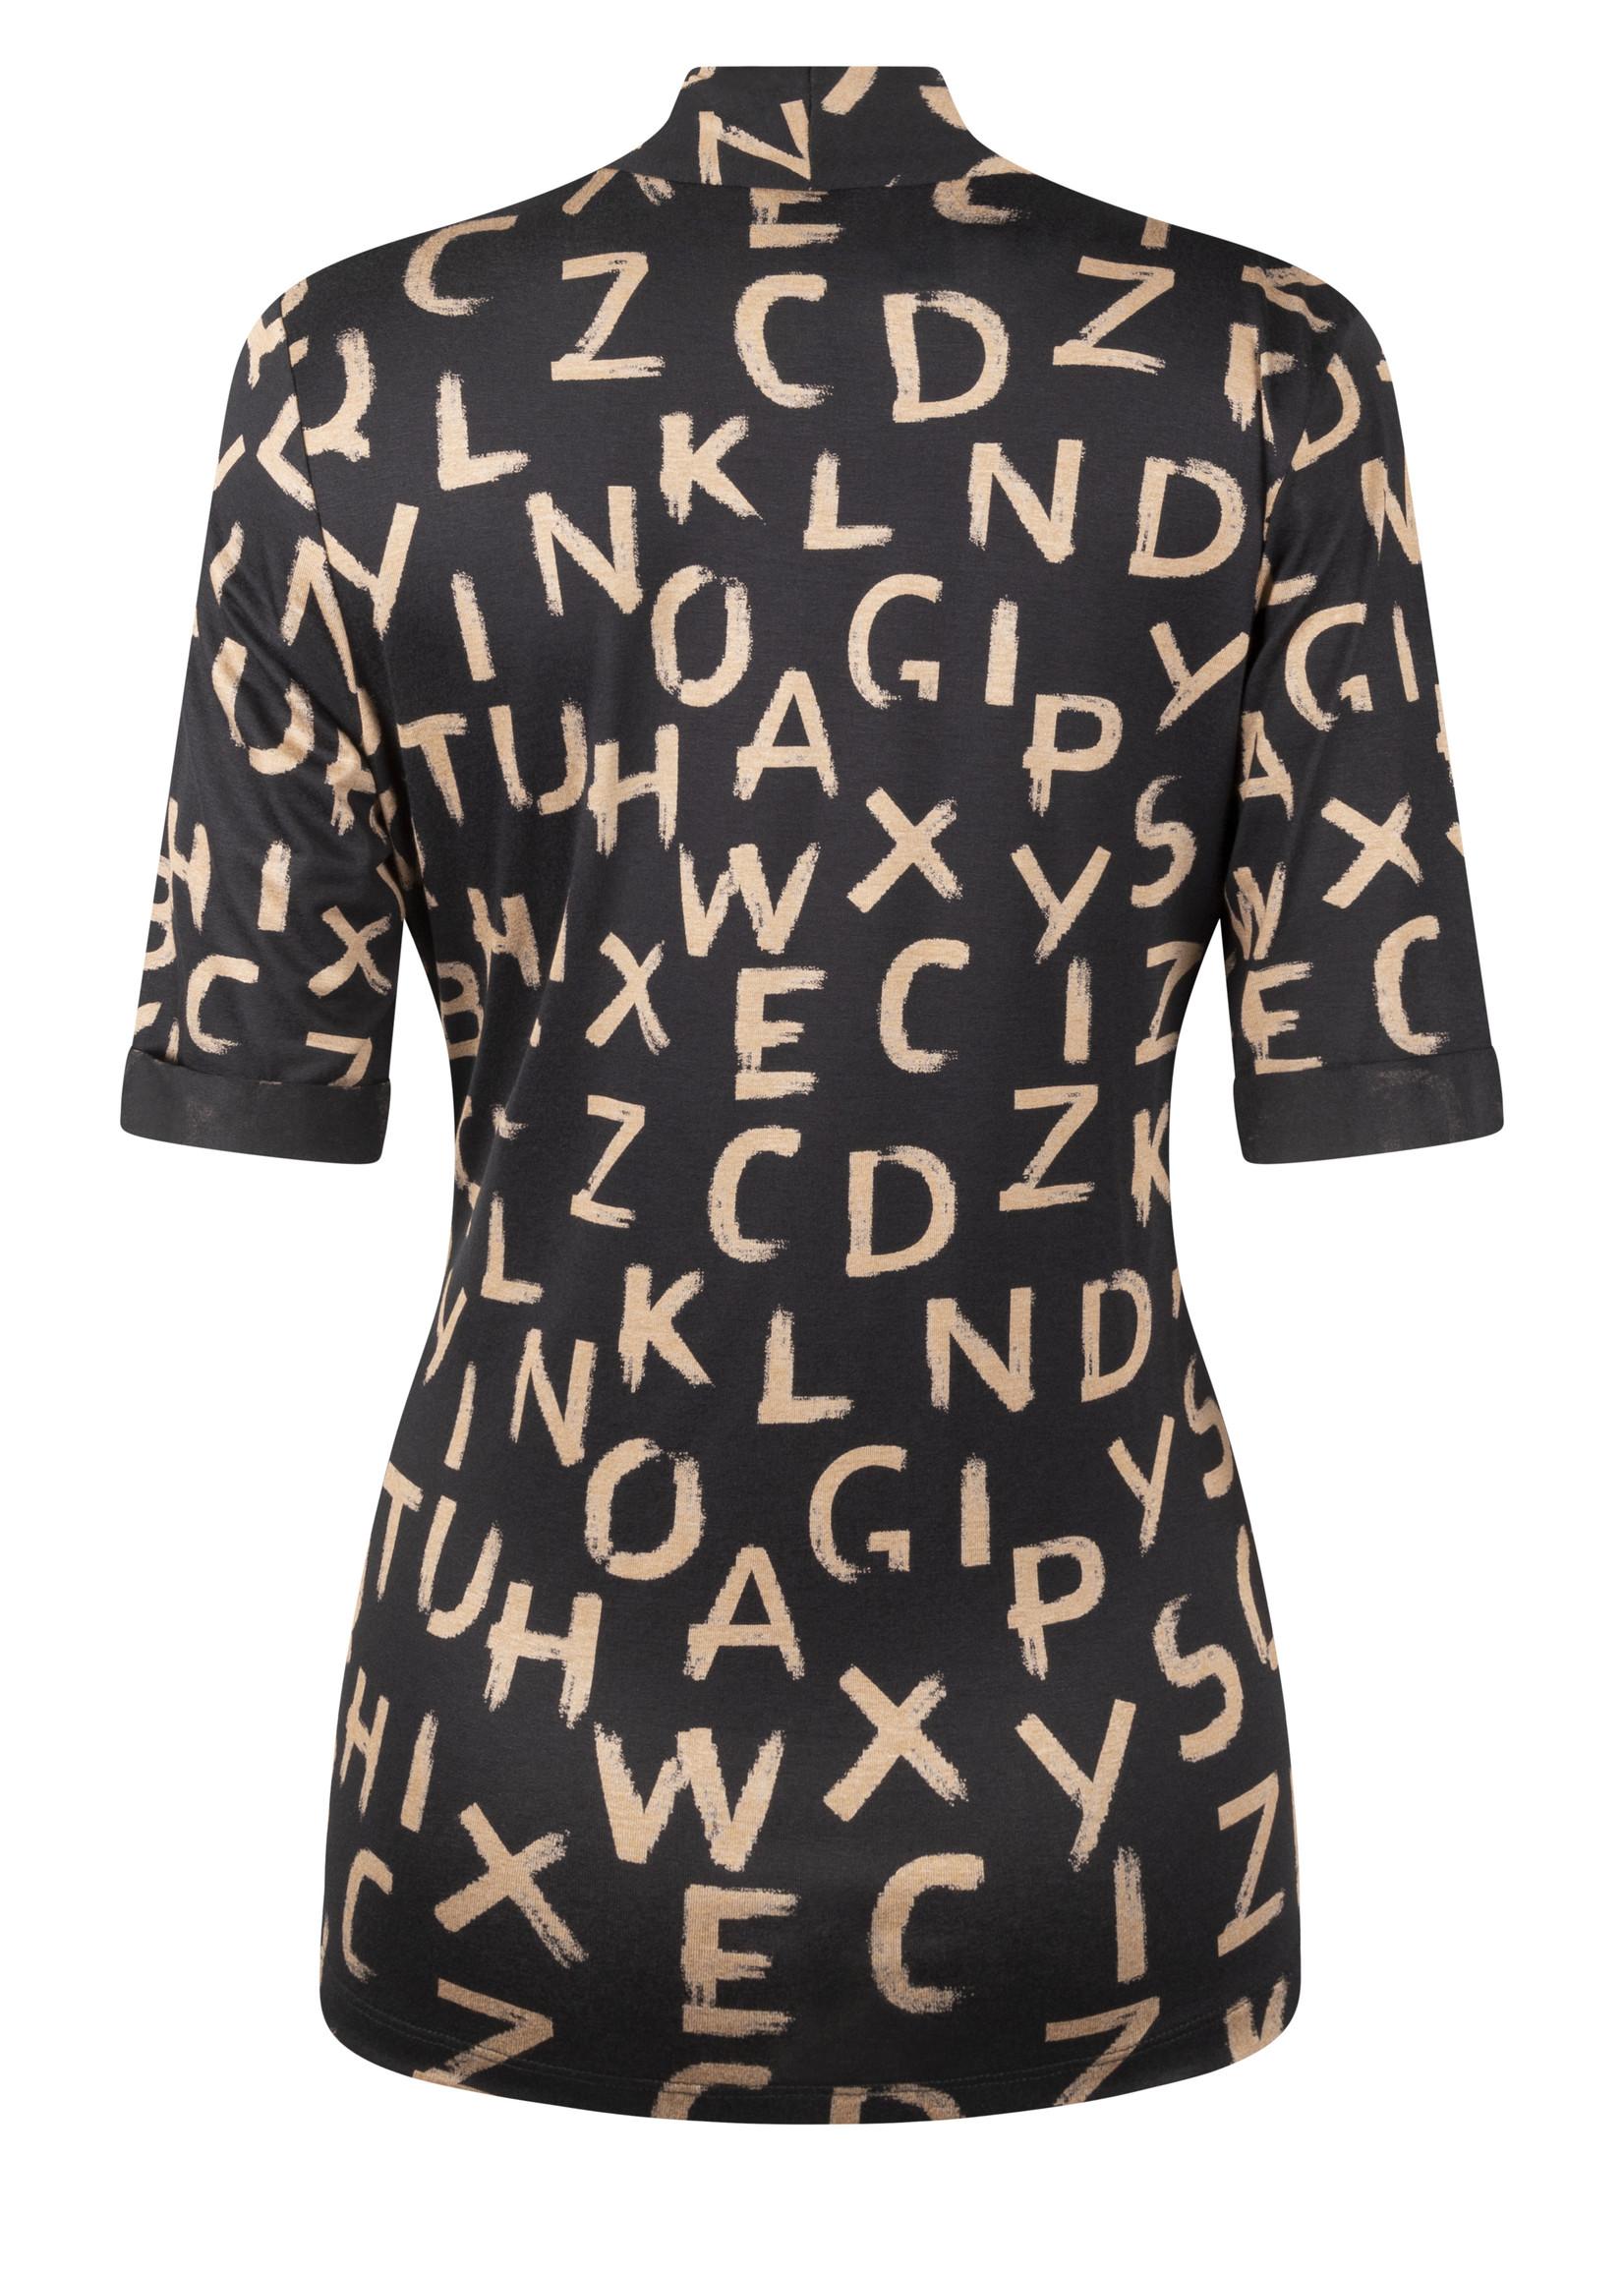 Zoso Zoso - Viv - shirt - allover printed